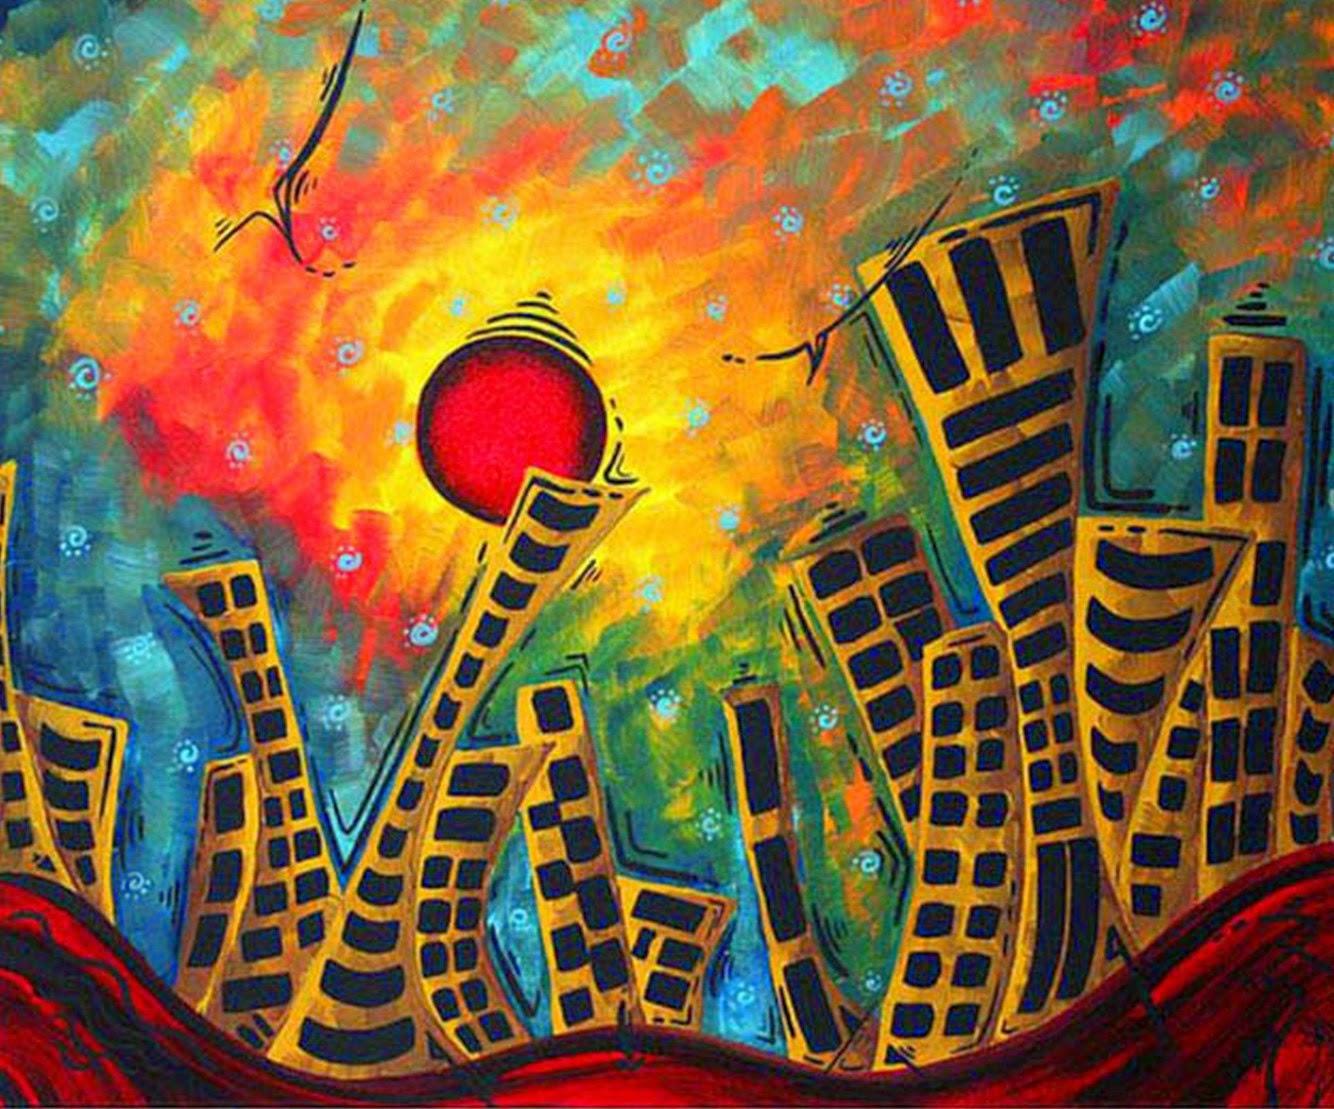 Pintura moderna y fotograf a art stica cuadros f ciles y for Imagenes de cuadros abstractos faciles de hacer